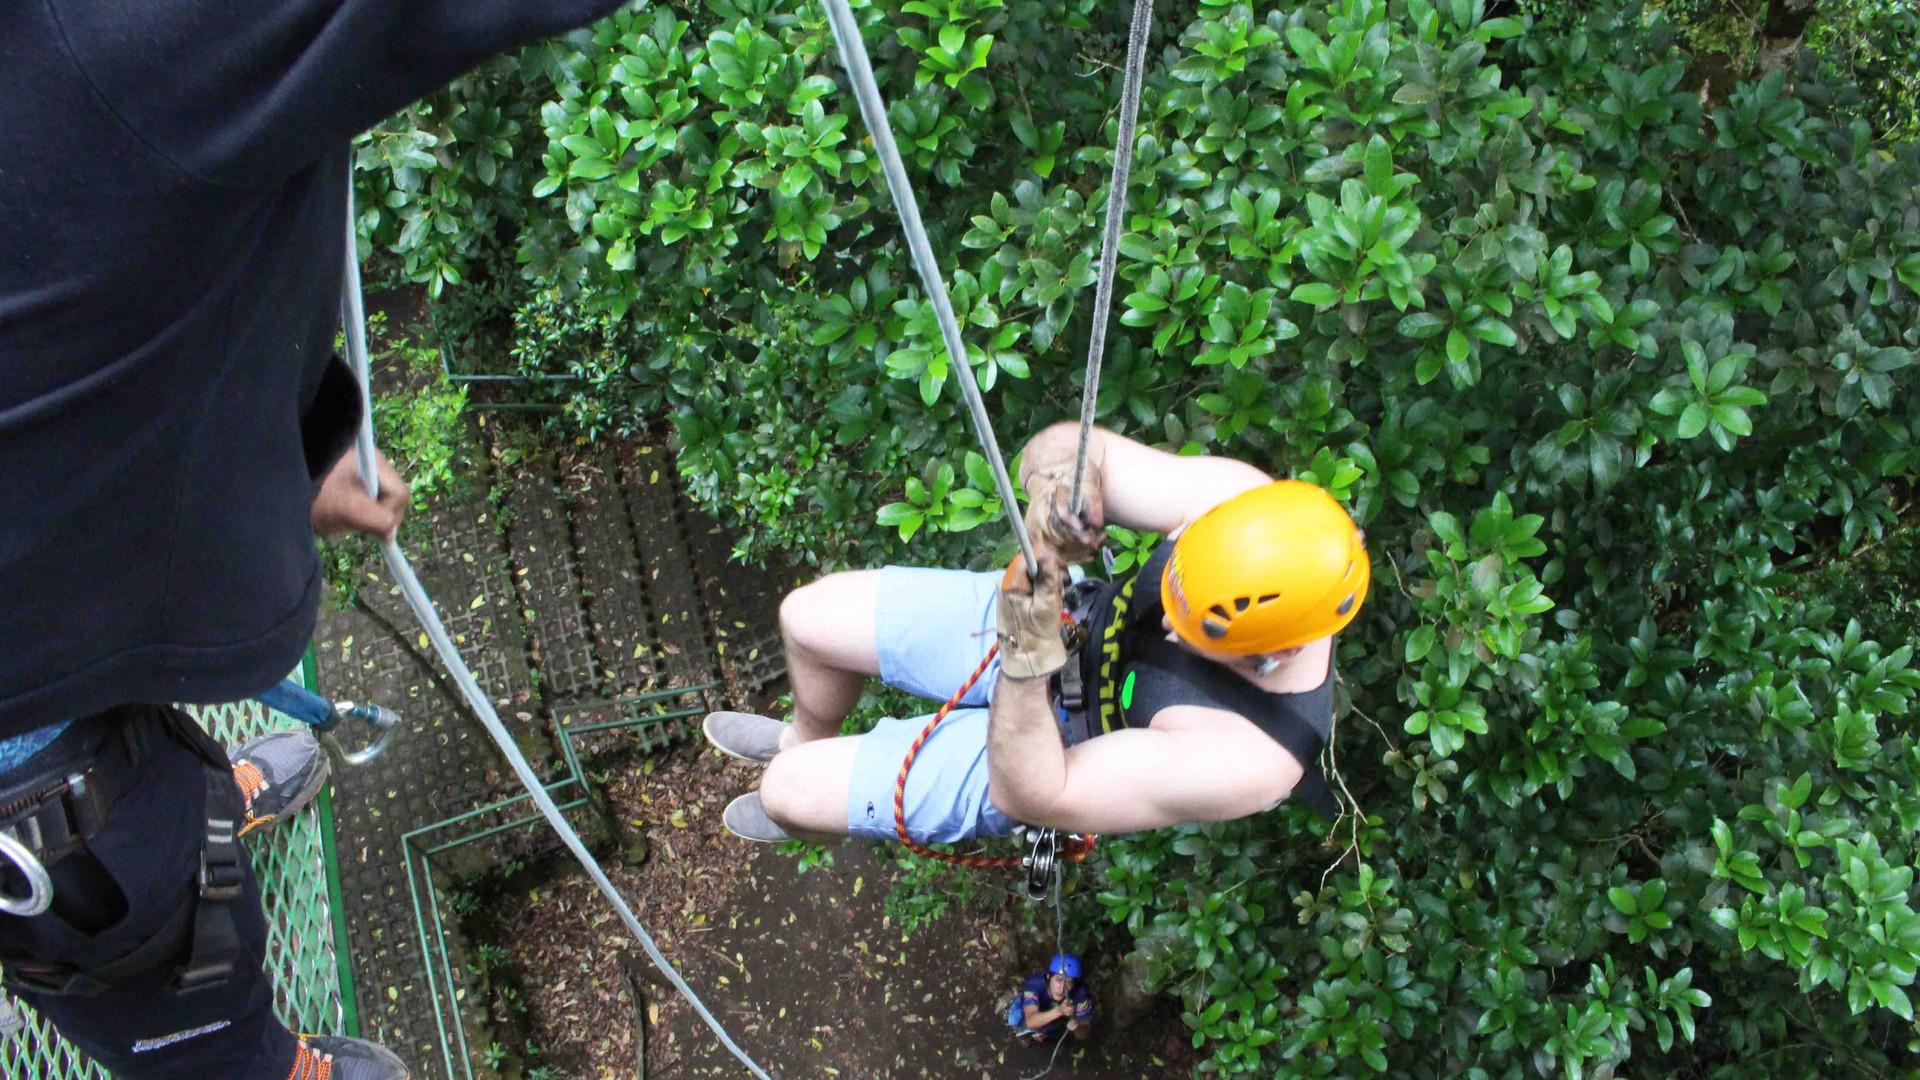 Monteverde Costa Rica zipline adventure guest hanging and rappelling off canopy